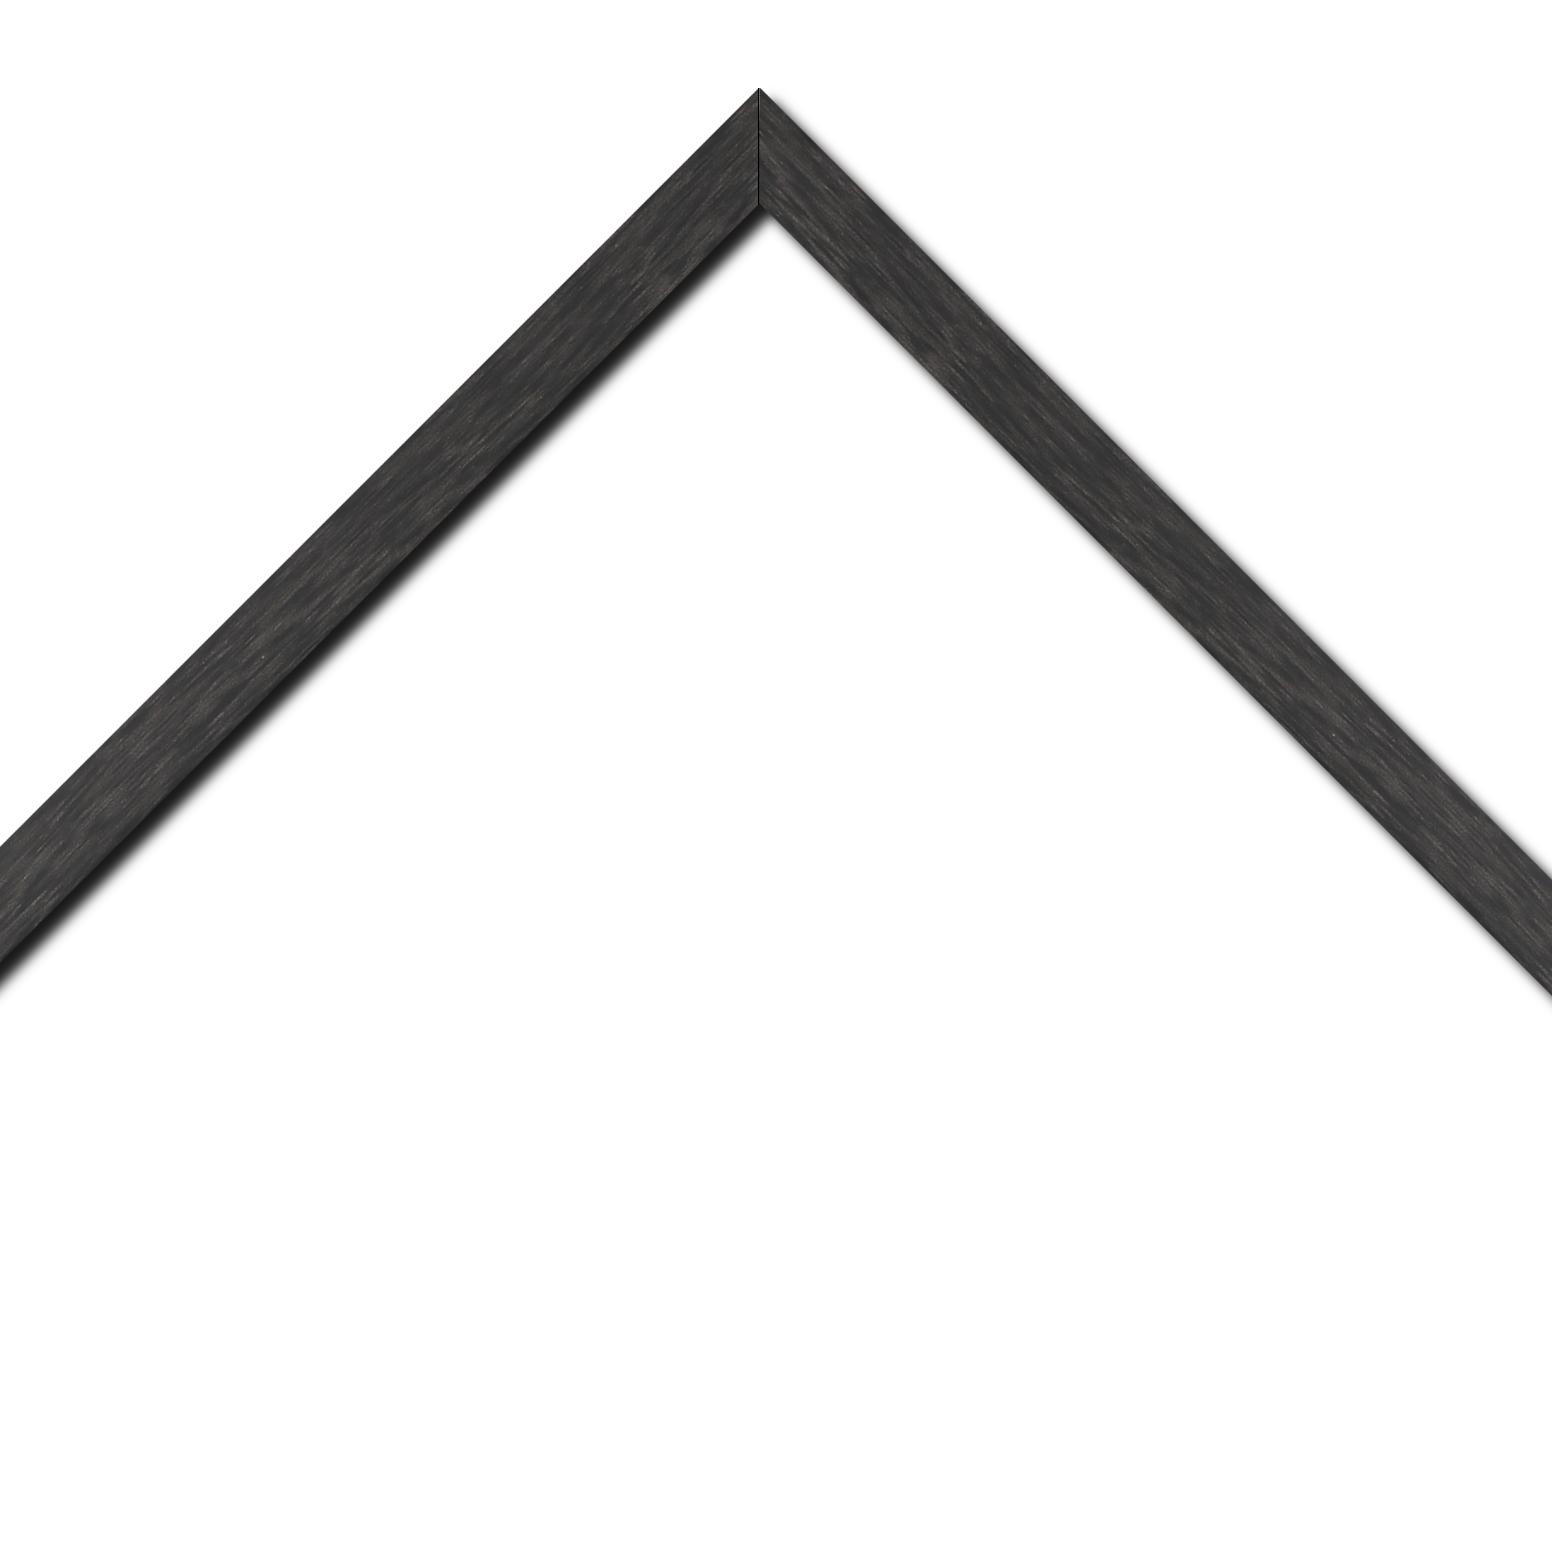 Baguette bois profil plat effet cube largeur 2cm couleur ton bois anthracite